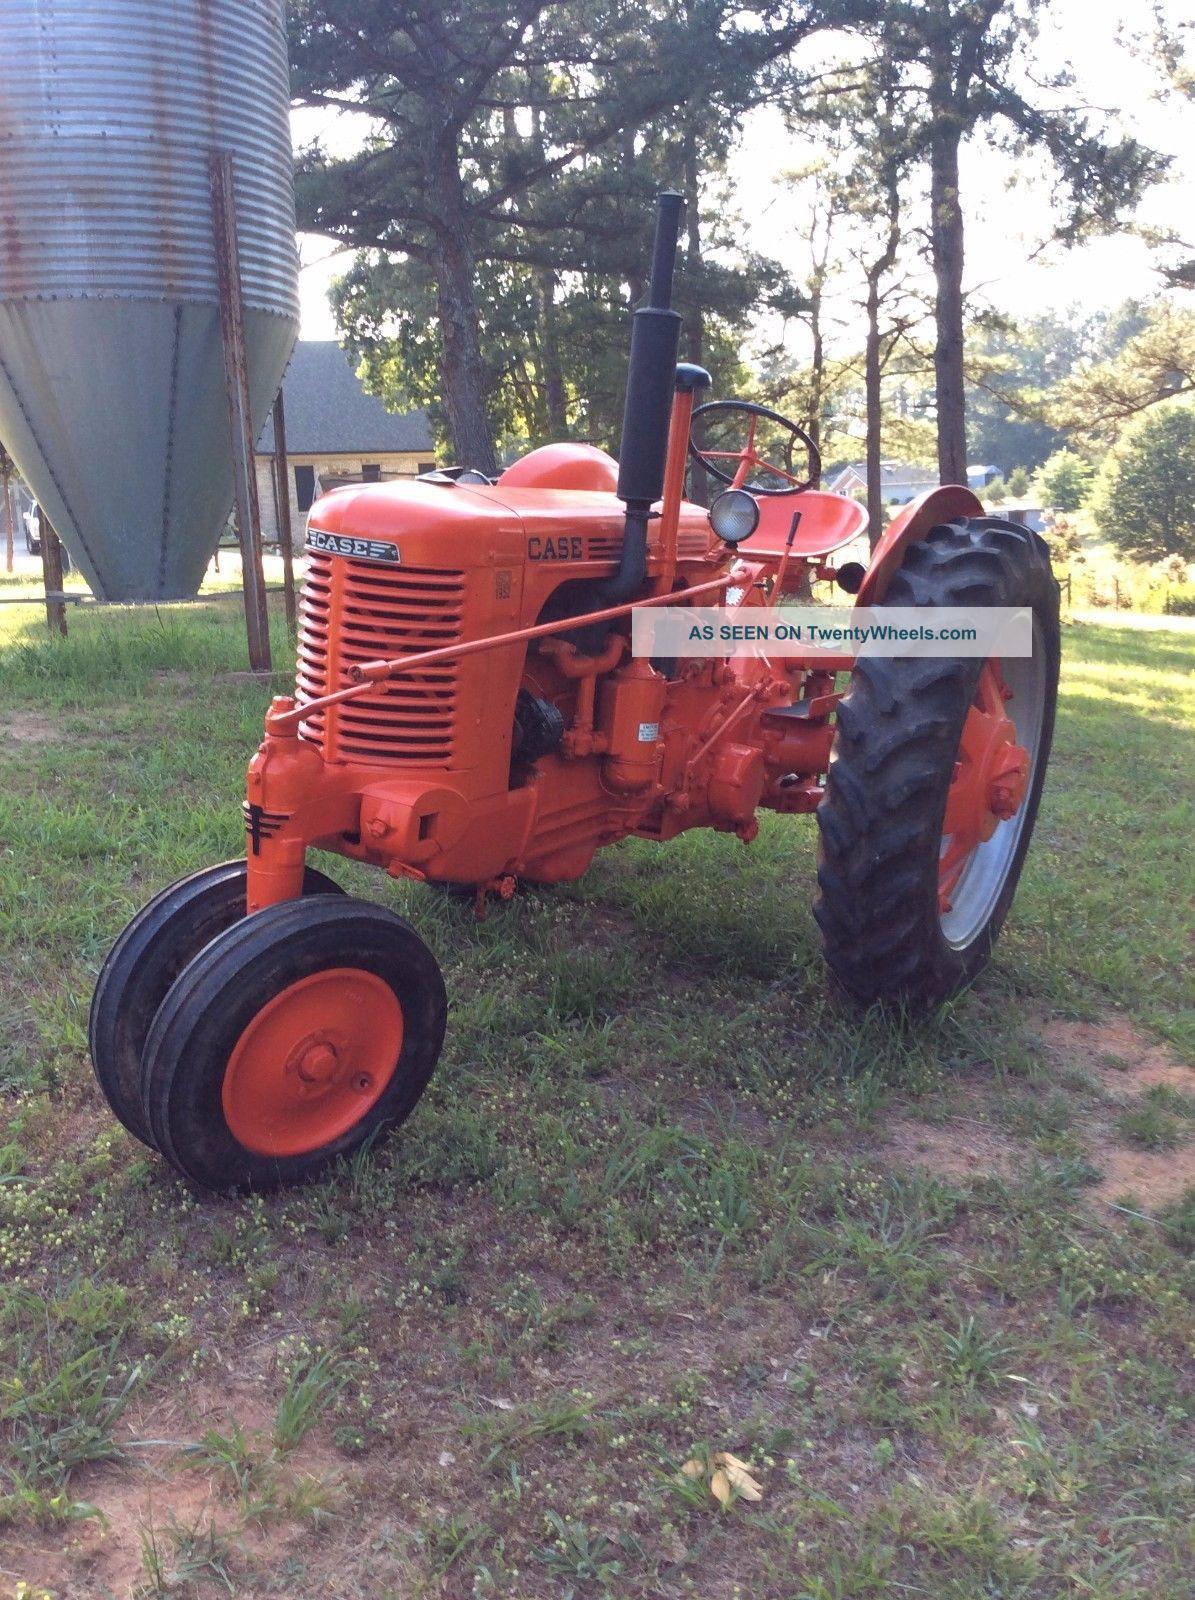 Antique Tractors Equipment : Case sc antique tractor